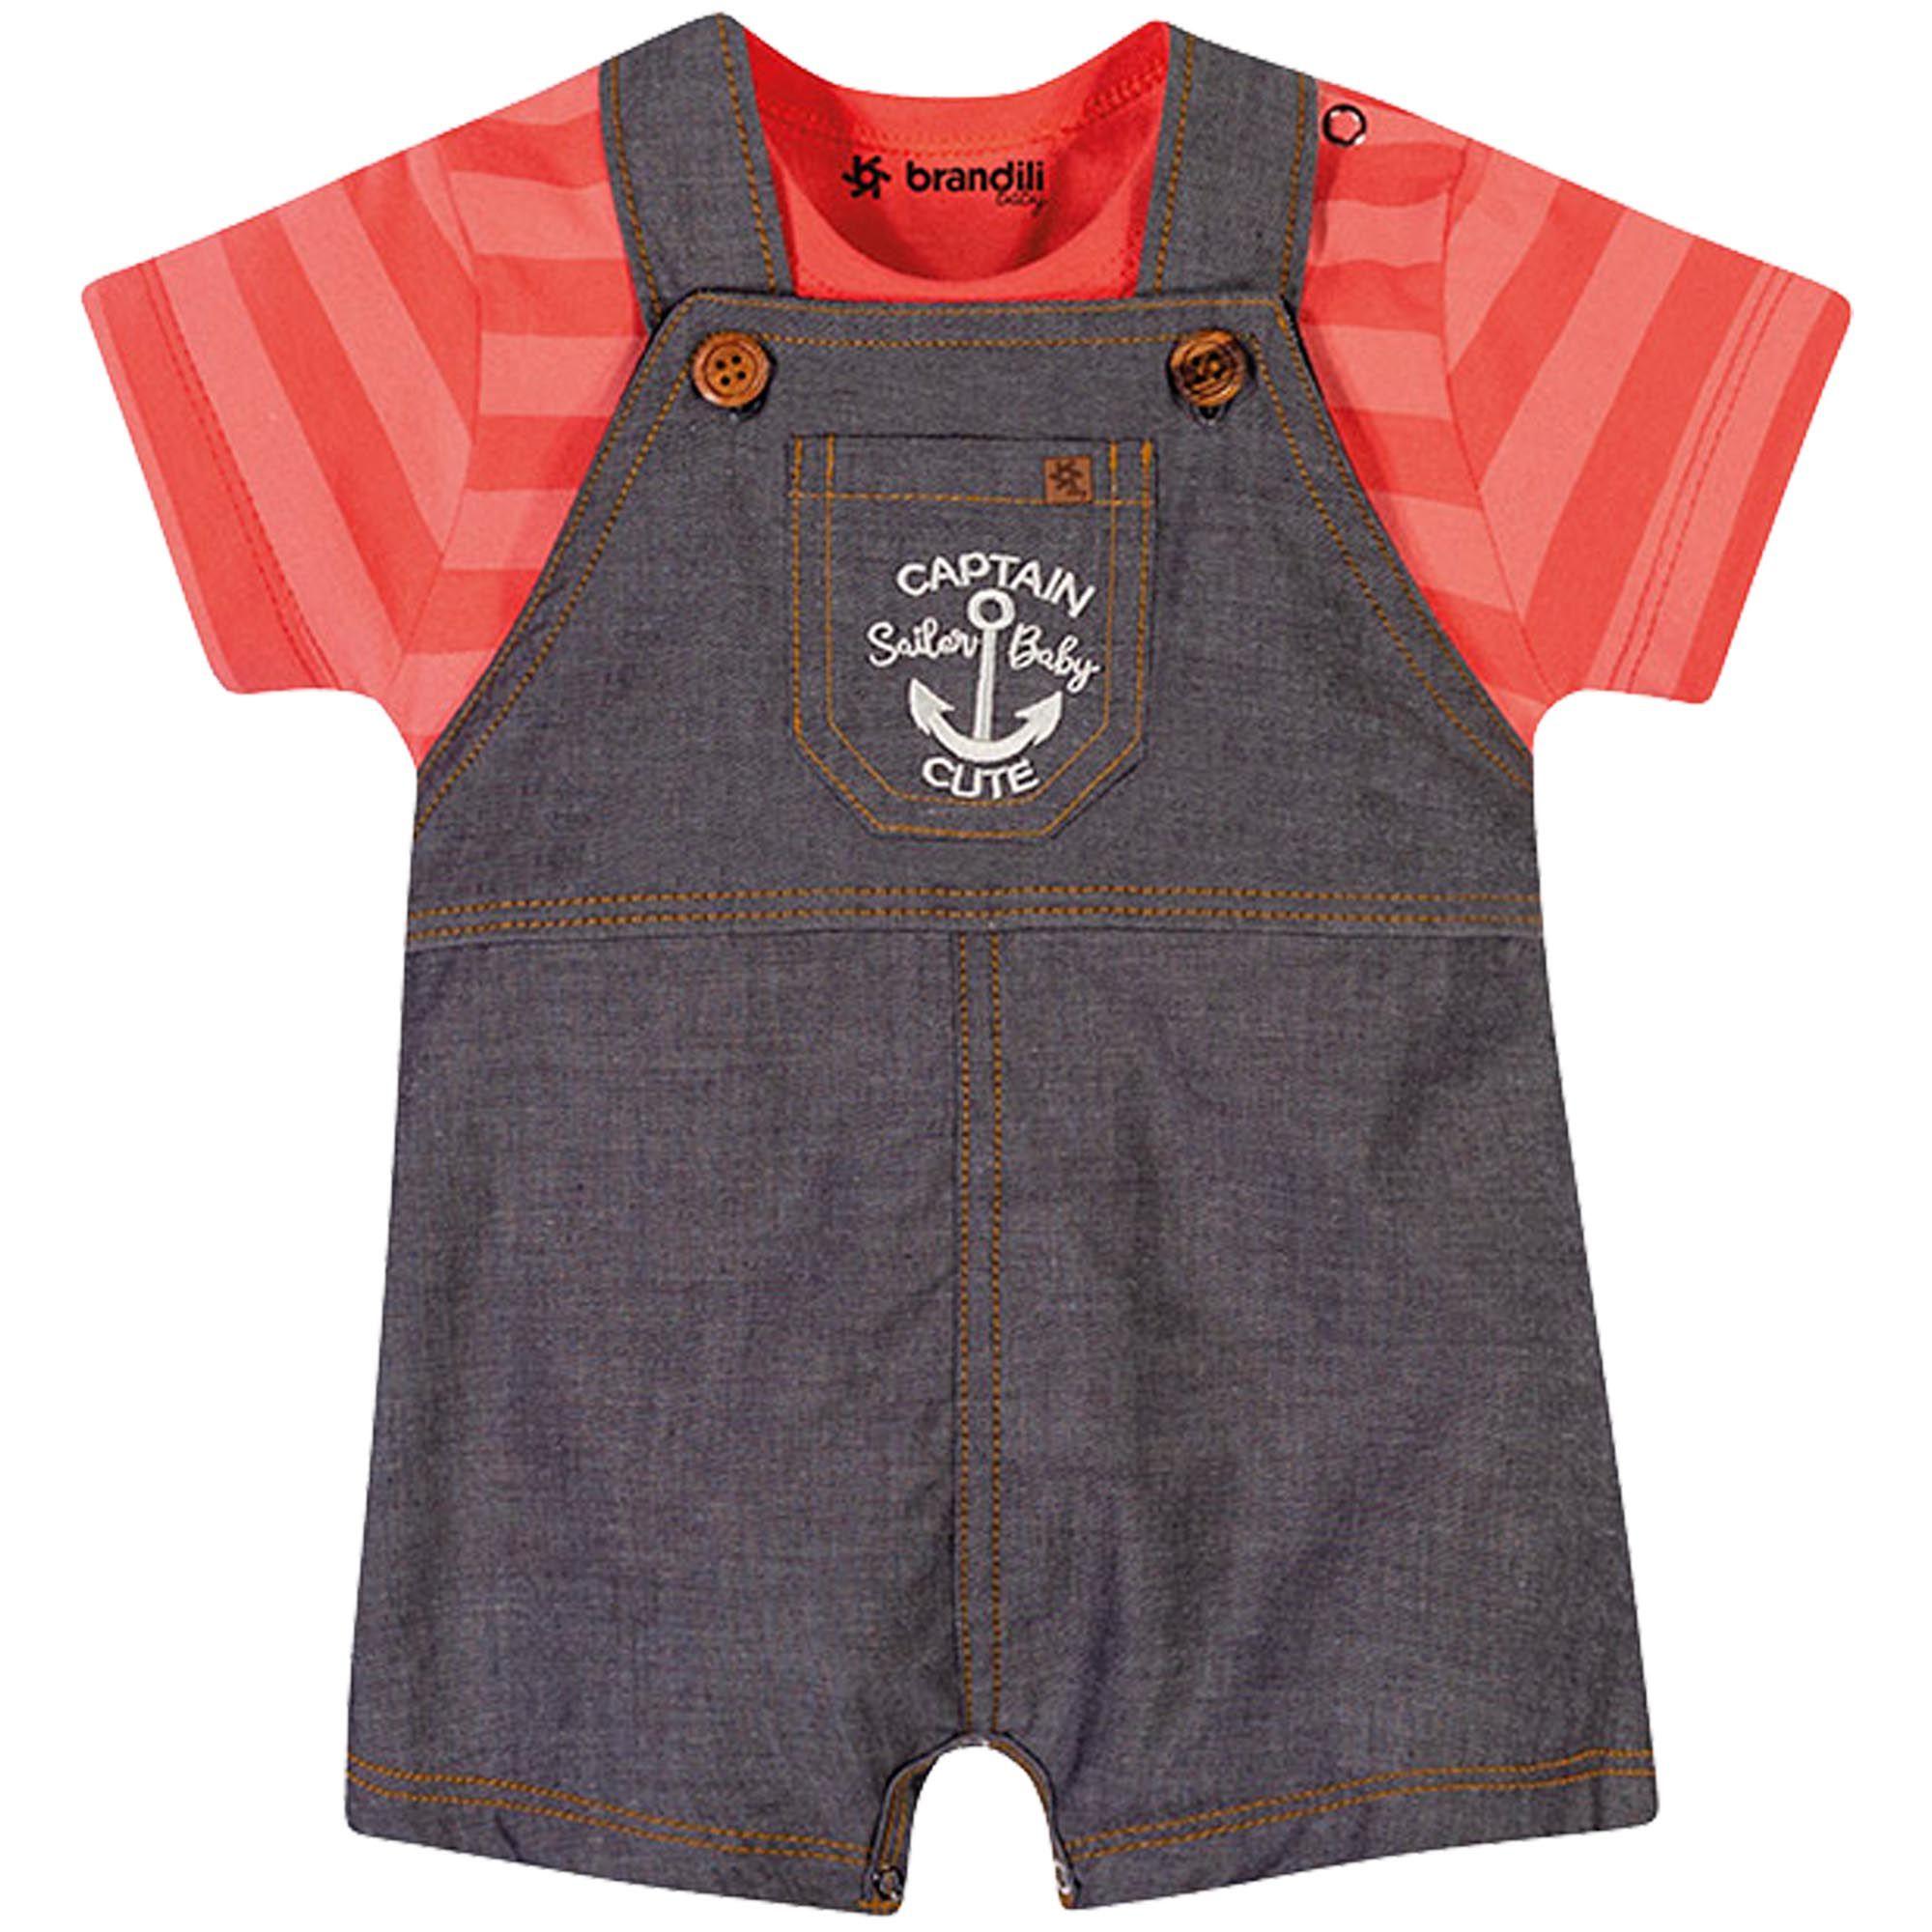 Conjunto Verão Brandili Baby Jardineira Captain Sailor Baby Cute - P ao G